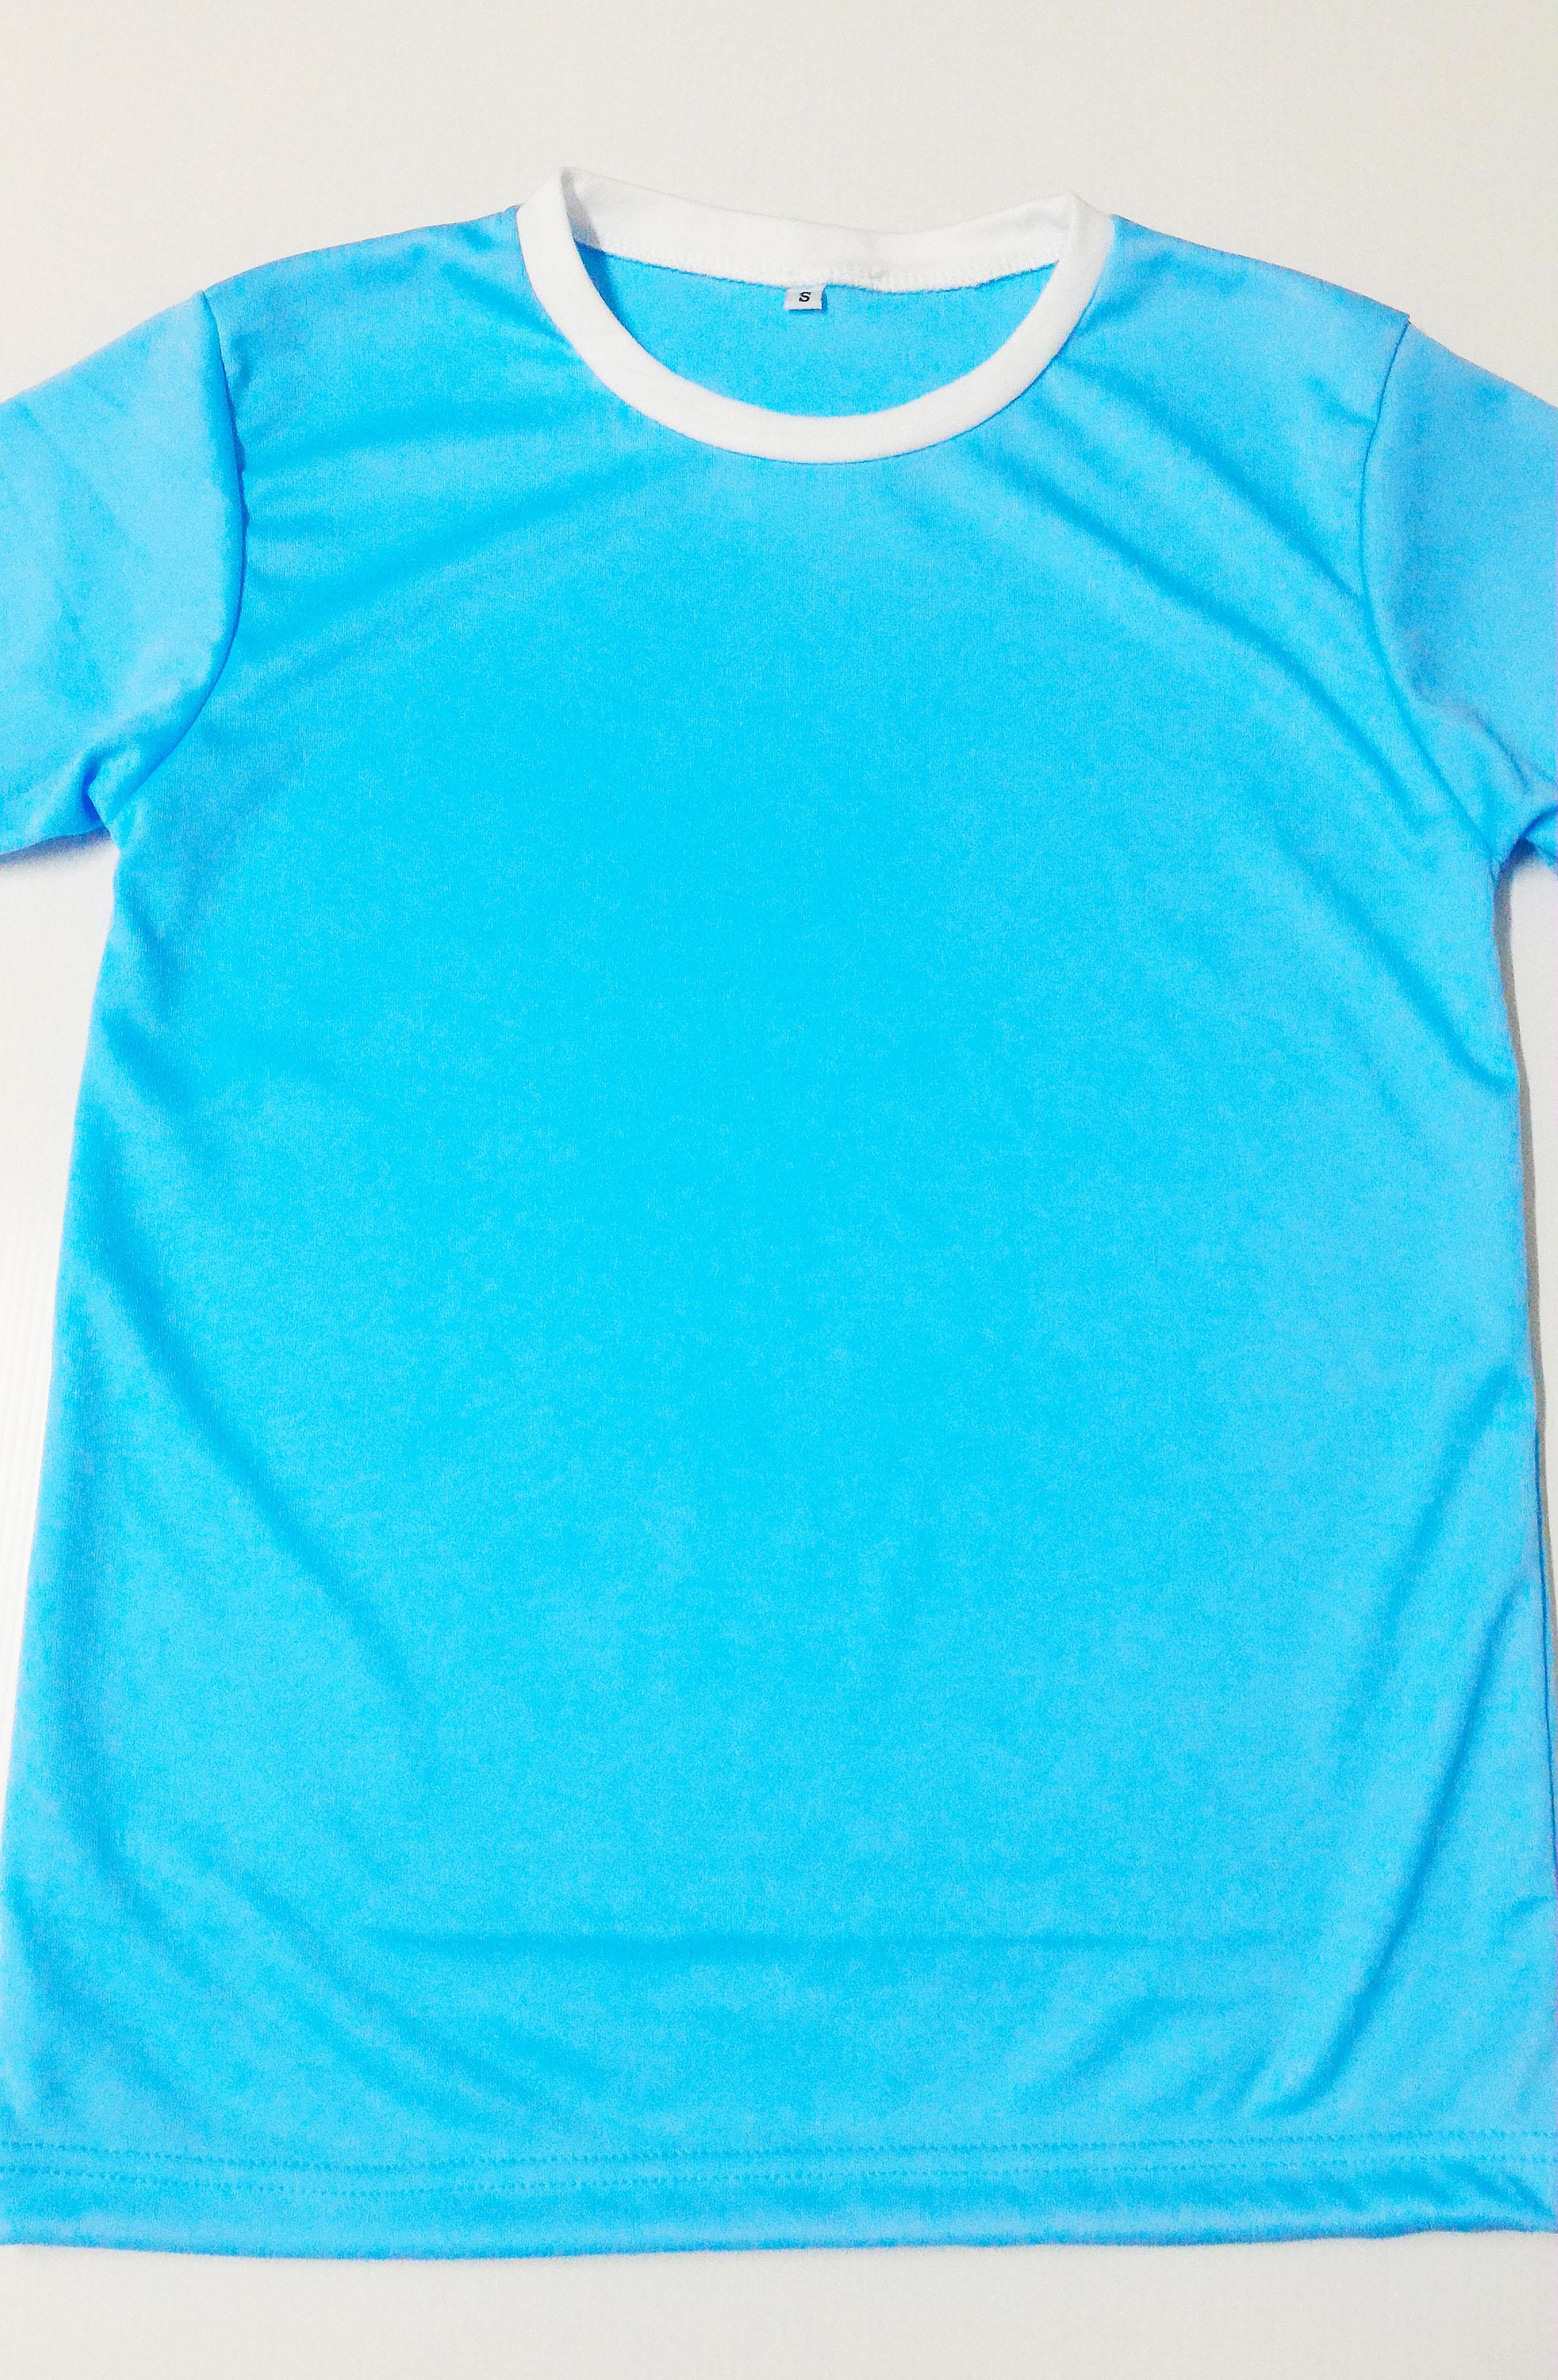 ขายส่ง ไซส์ S รอบอก 32 นิ้ว เสื้อกีฬาสีฟ้าอ่อน เสื้อกีฬาเปล่าผู้ใหญ่ เสื้อเปล่า